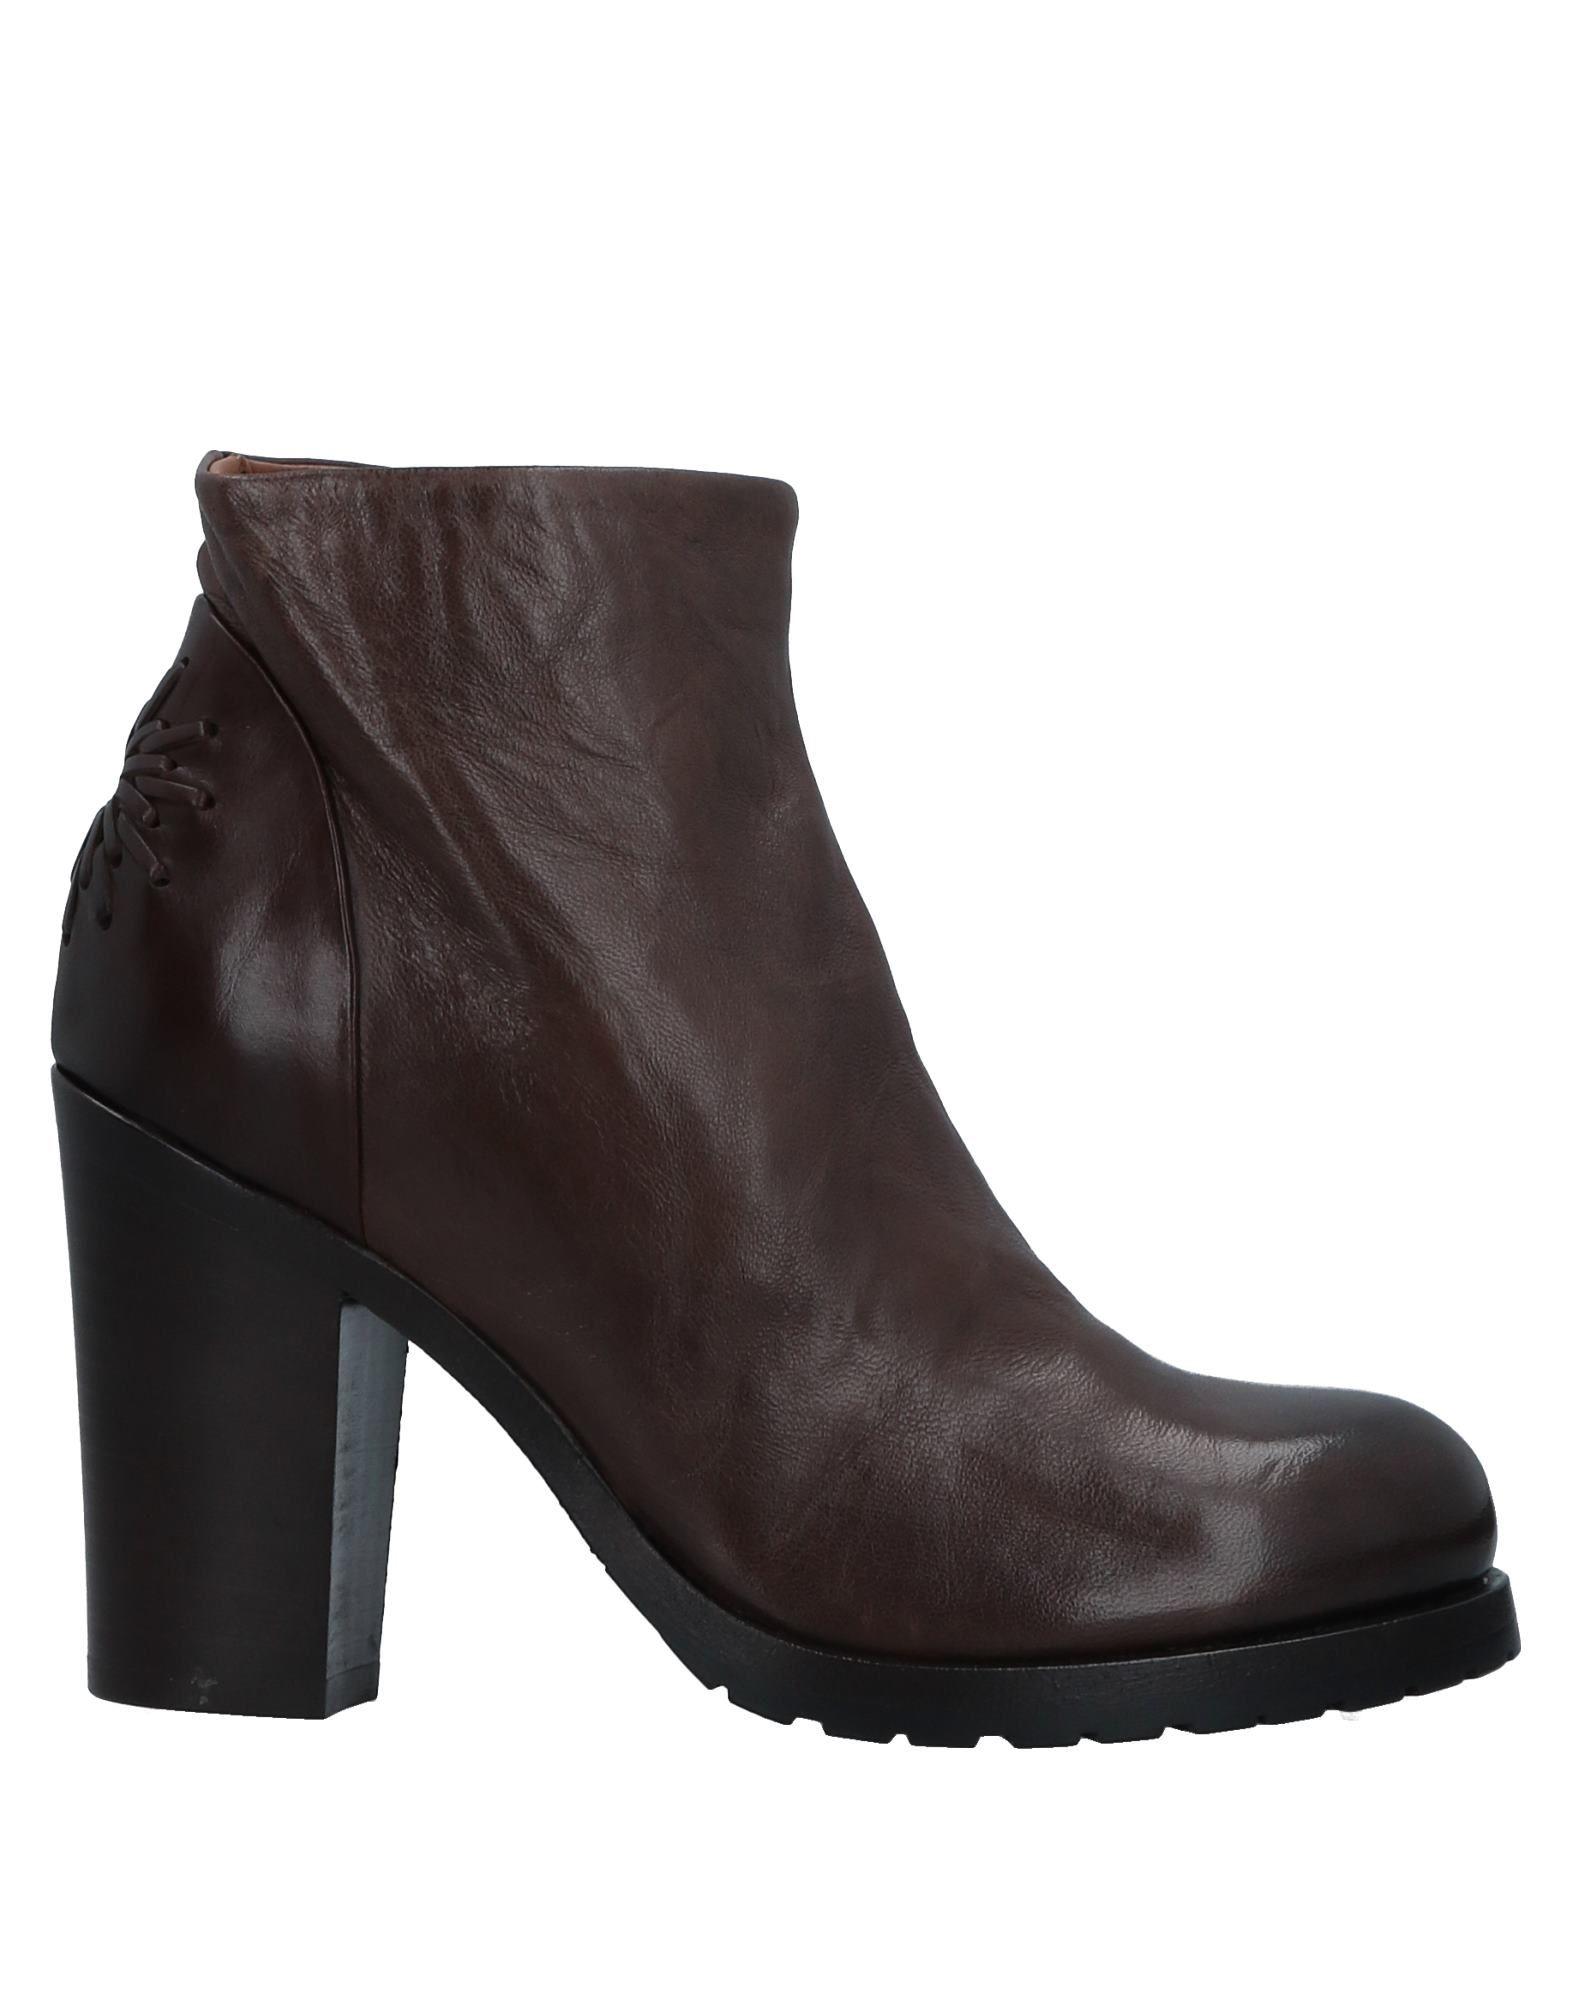 《送料無料》I.N.K. Shoes レディース ショートブーツ ダークブラウン 37 革